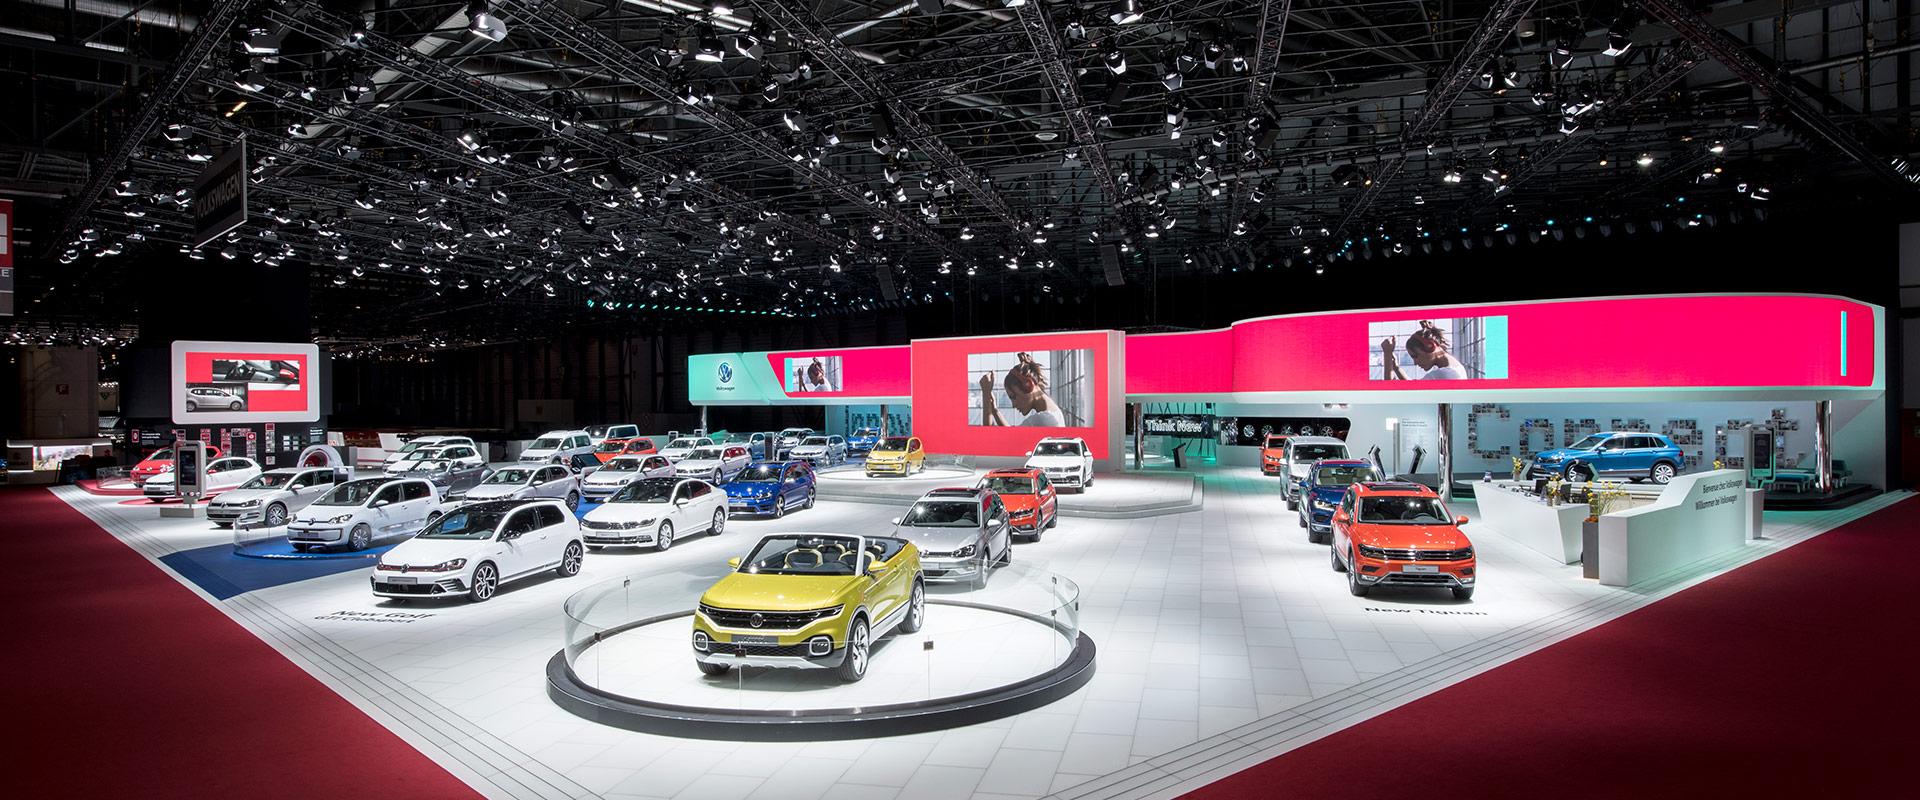 Volkswagen-Messestand Automobilsalon Genf